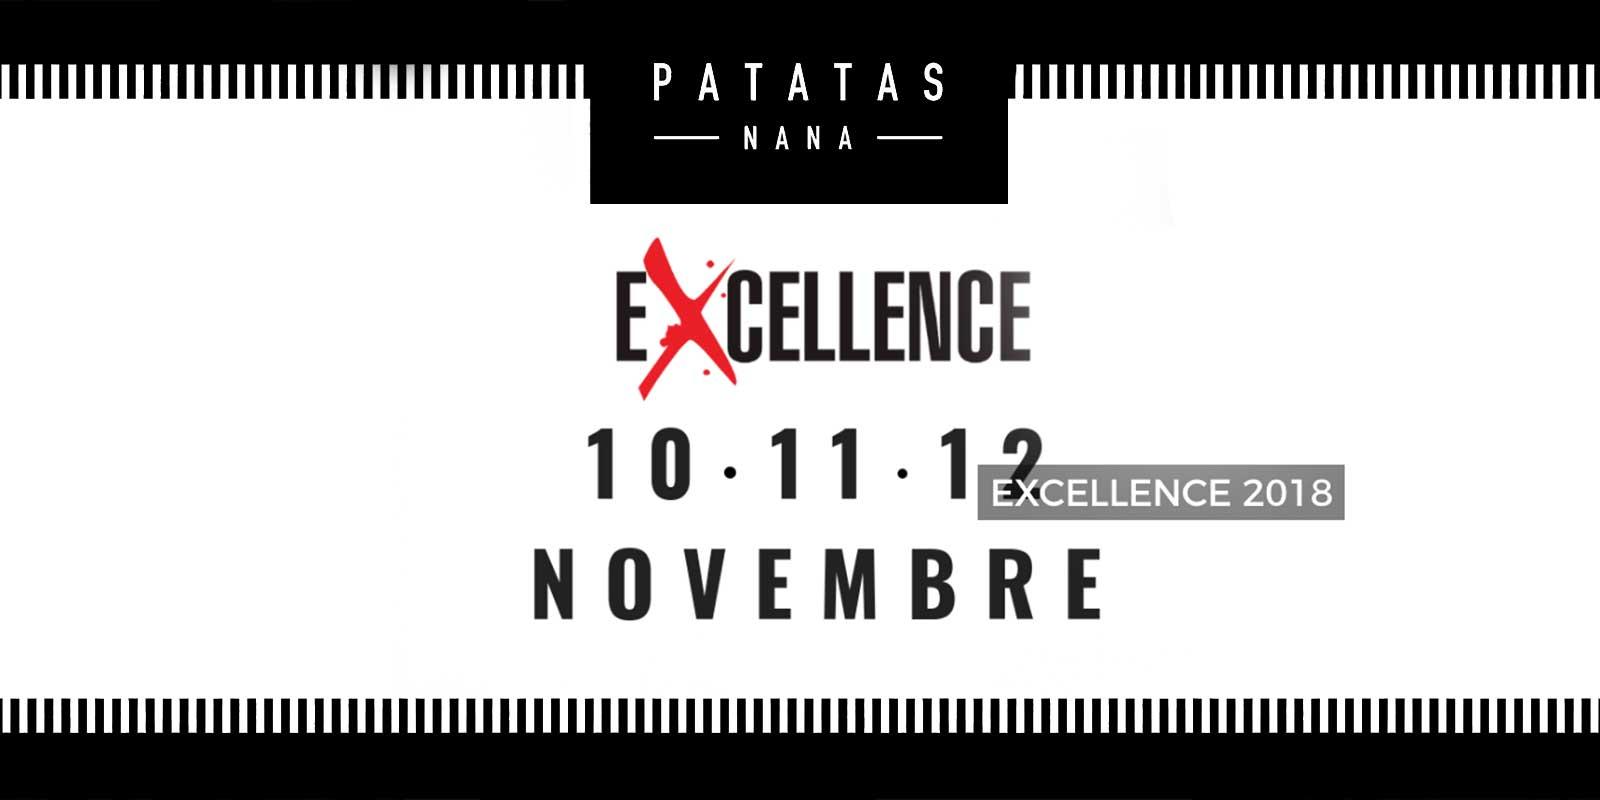 nana-evento-excellence